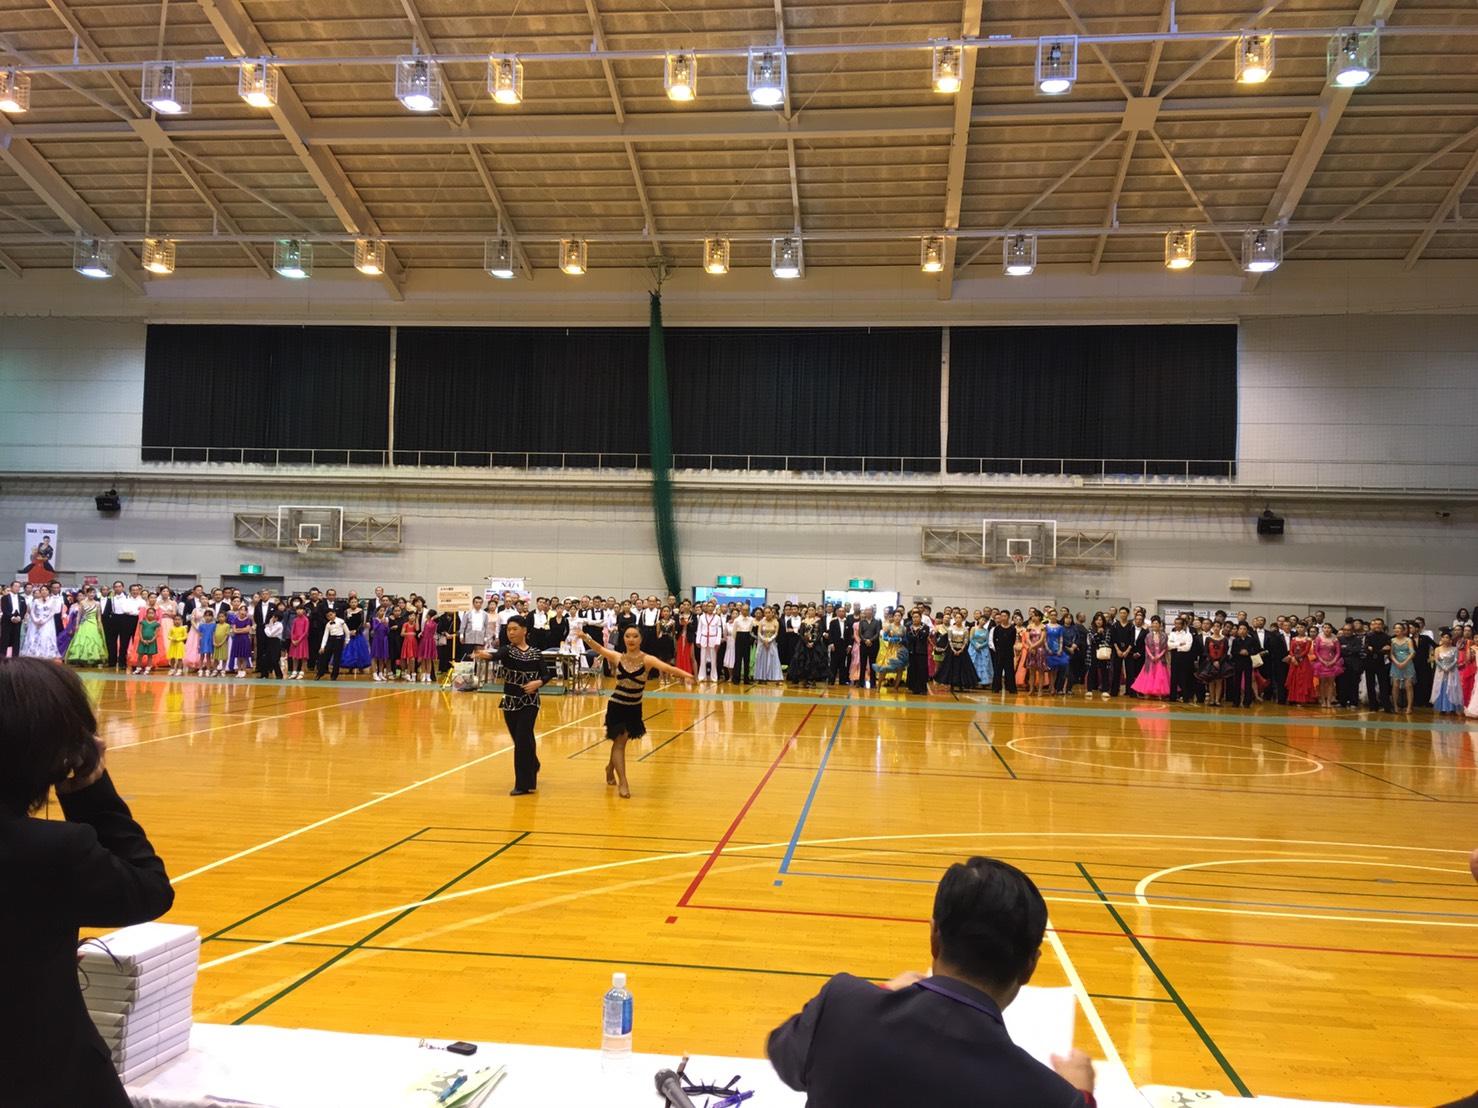 JBDF関東甲信越|競技会|寄居|埼玉|11月3日